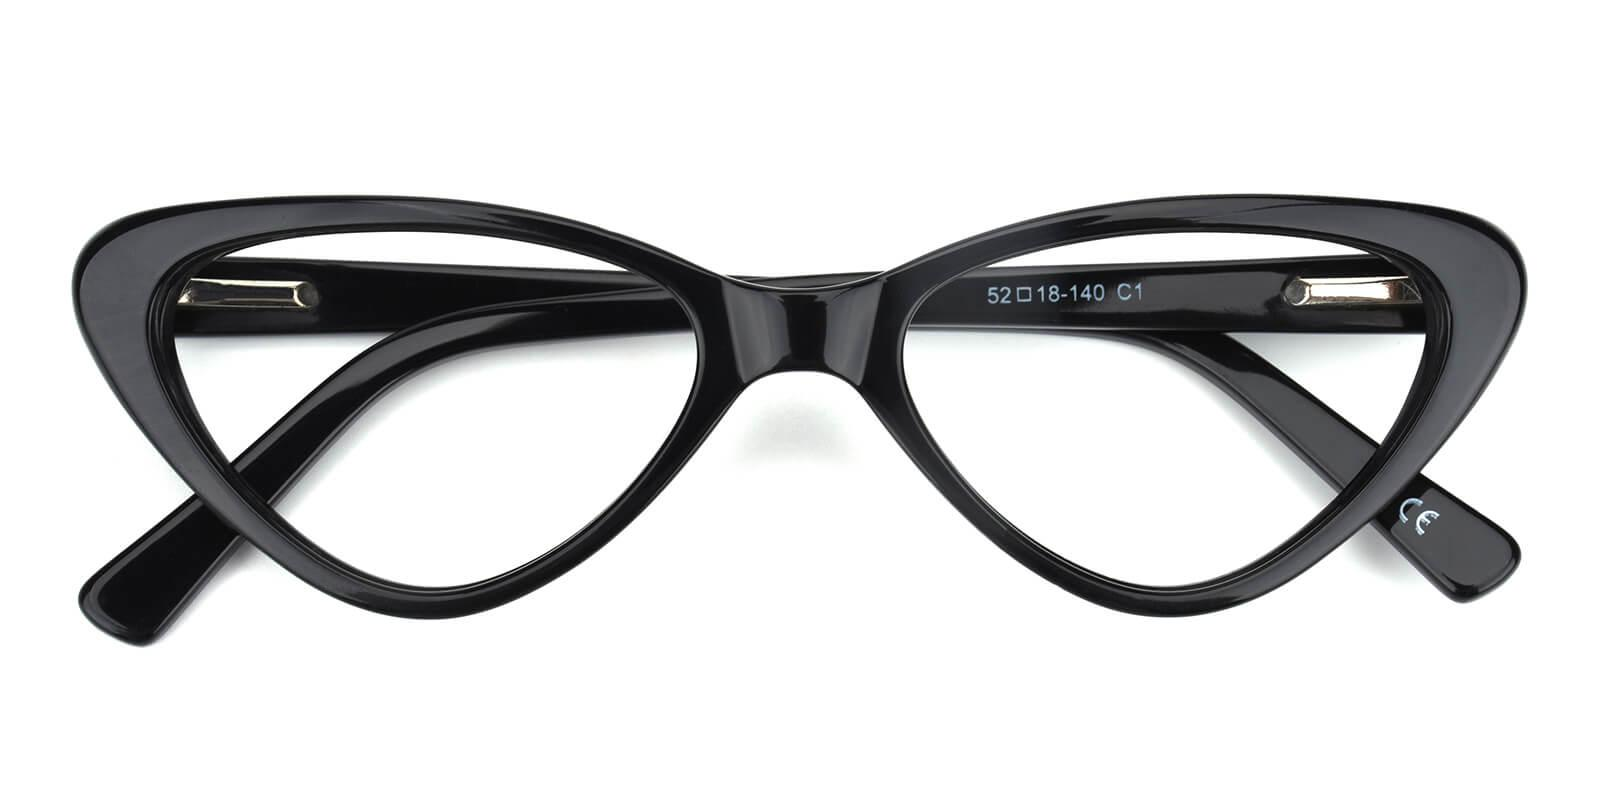 Catalin-Black-Cat-Acetate-Eyeglasses-detail